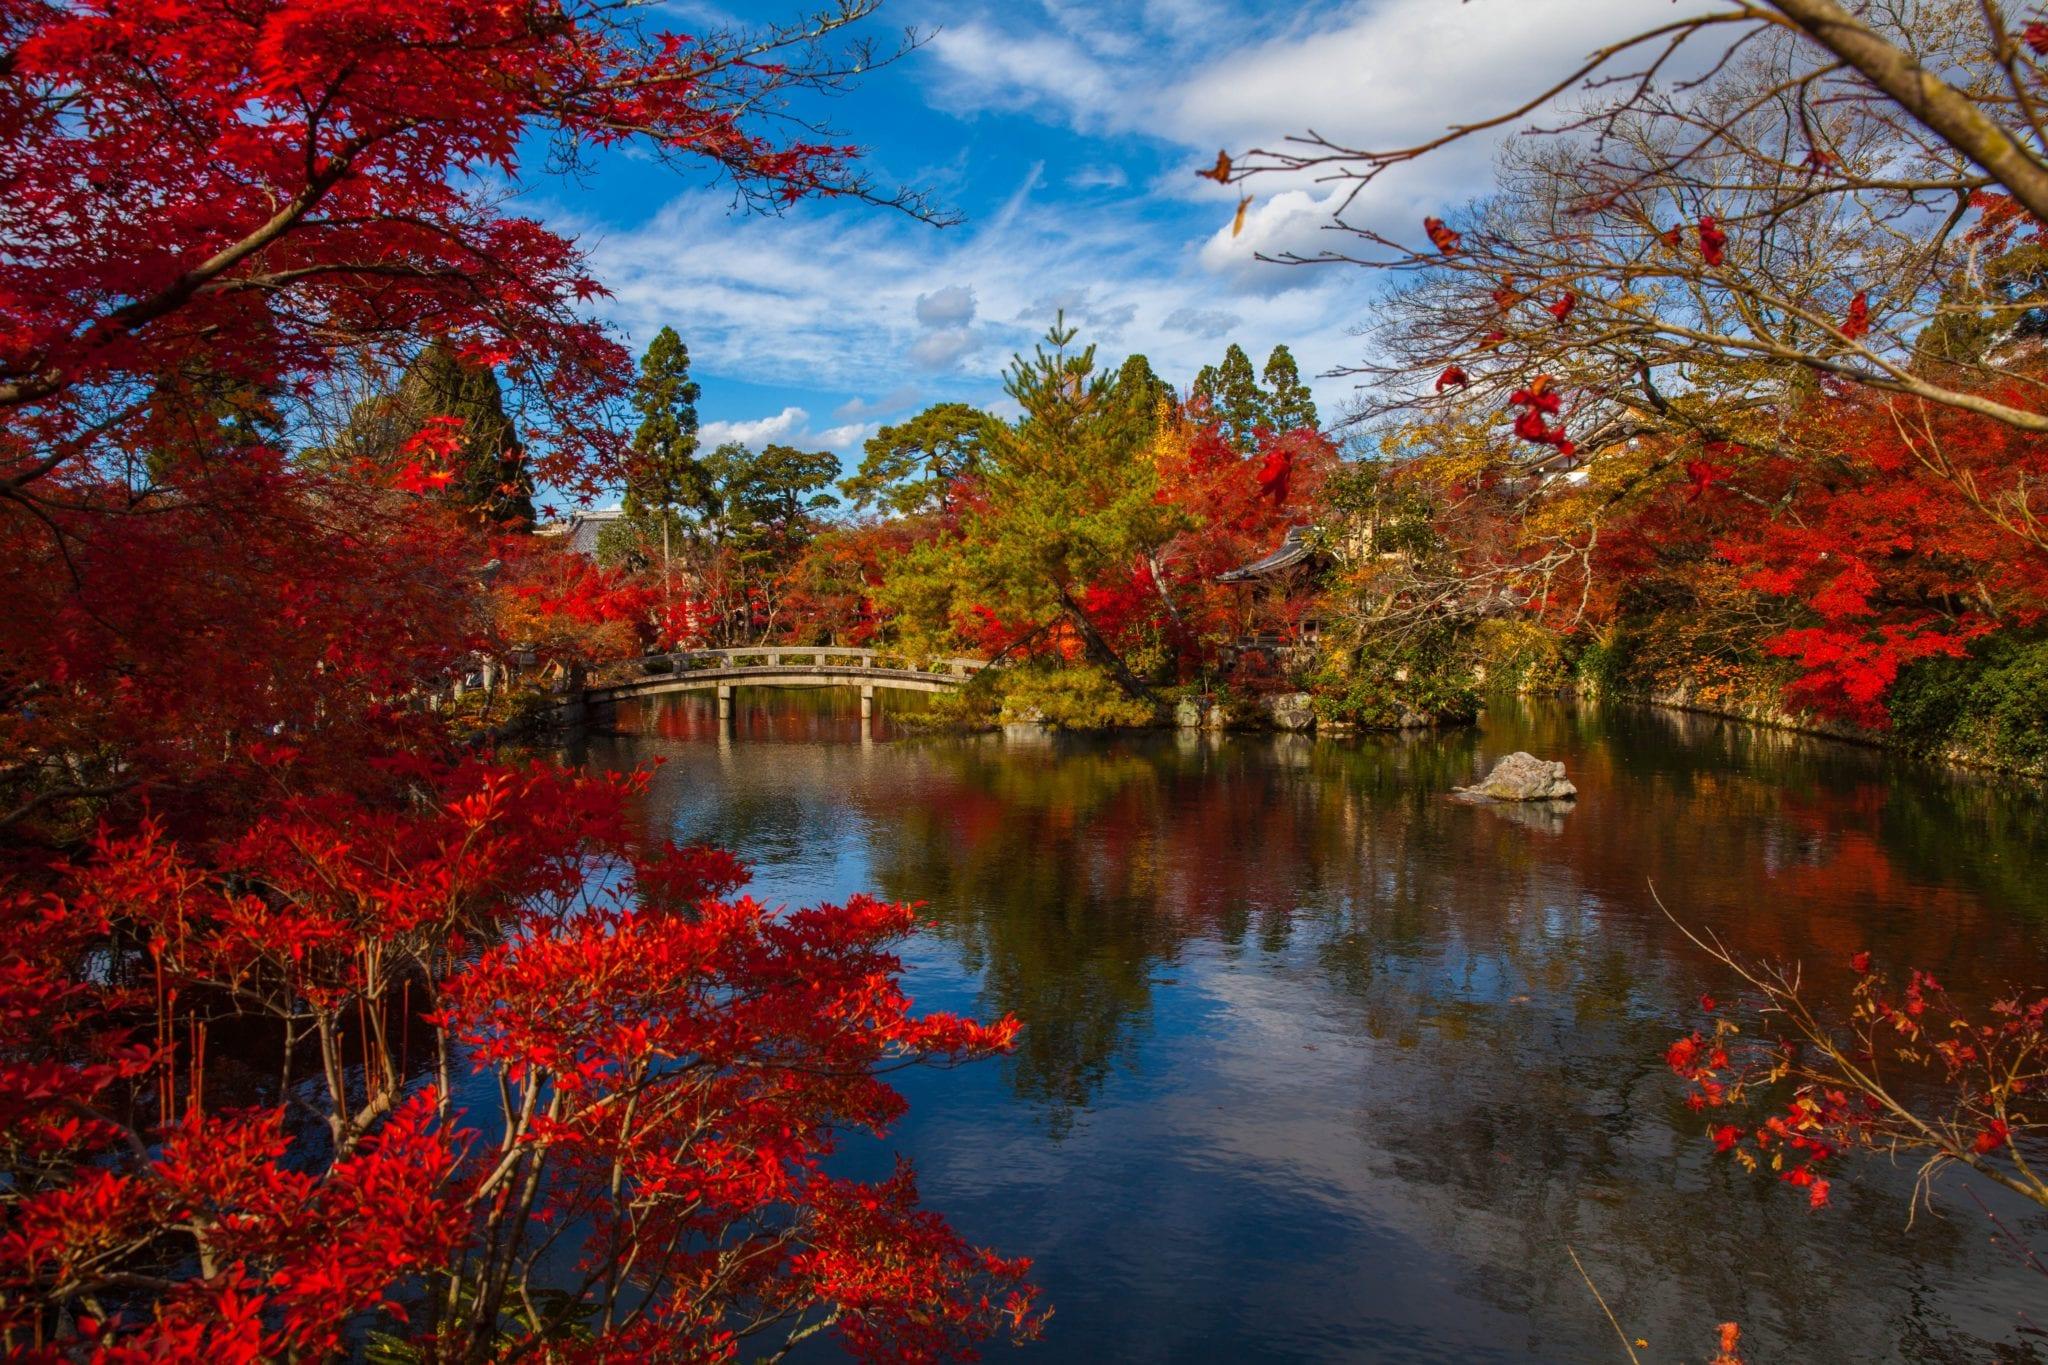 Paysage d'un lac au Japon - Mariage Perpignan - Voyage Perpignan